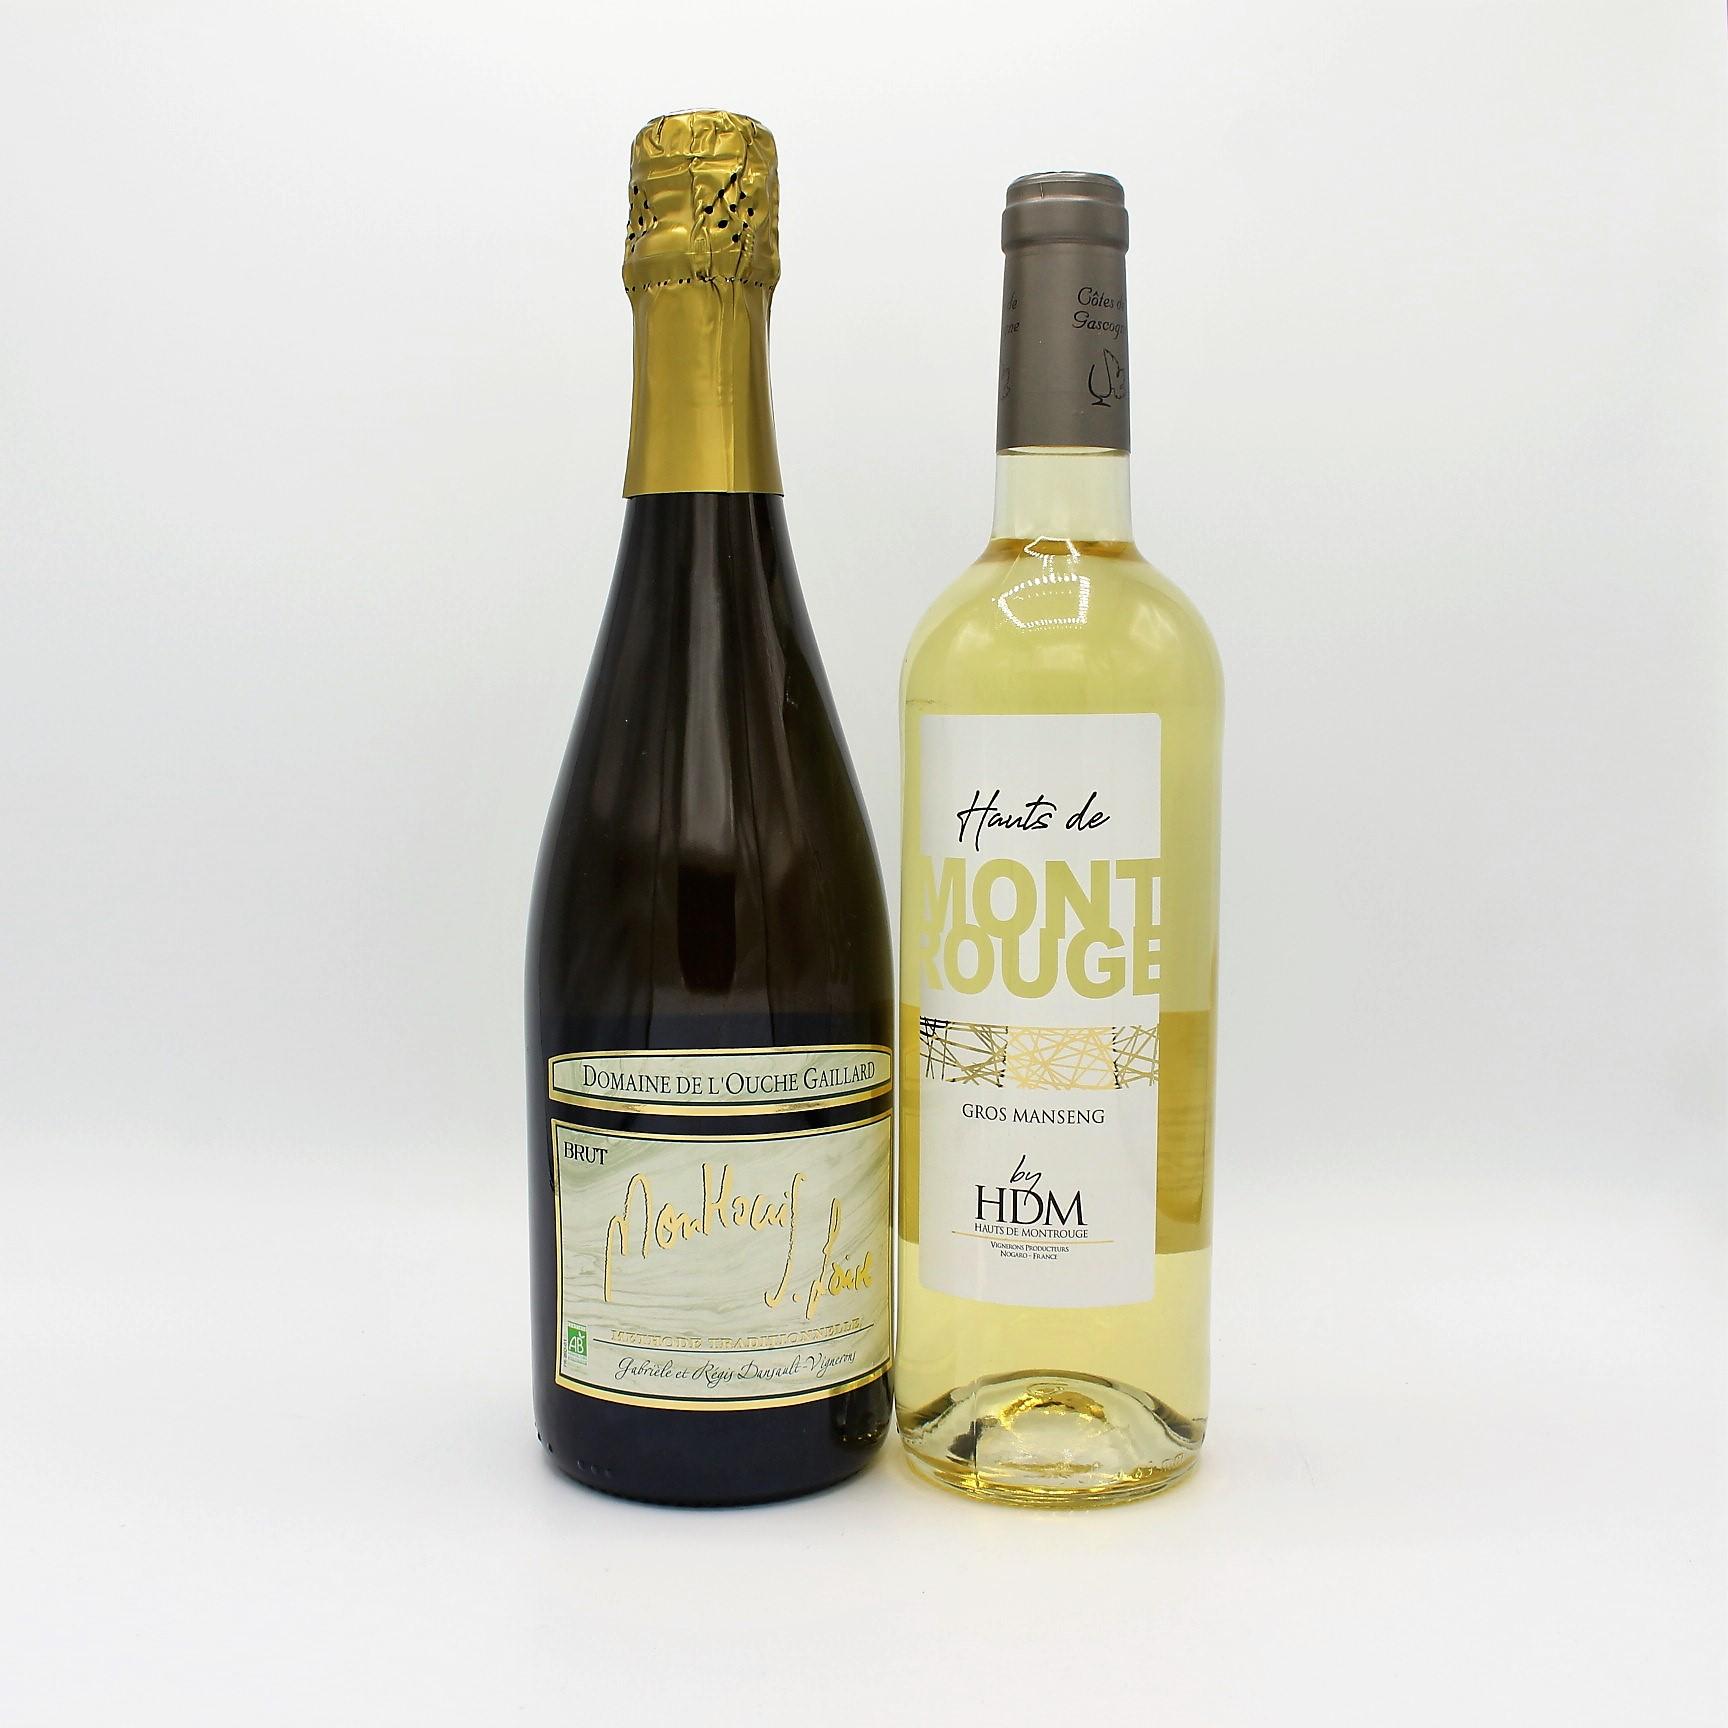 Le Chai D&1464.JPG039;Anthon Boit'A Découverte N°1 20 € 1464